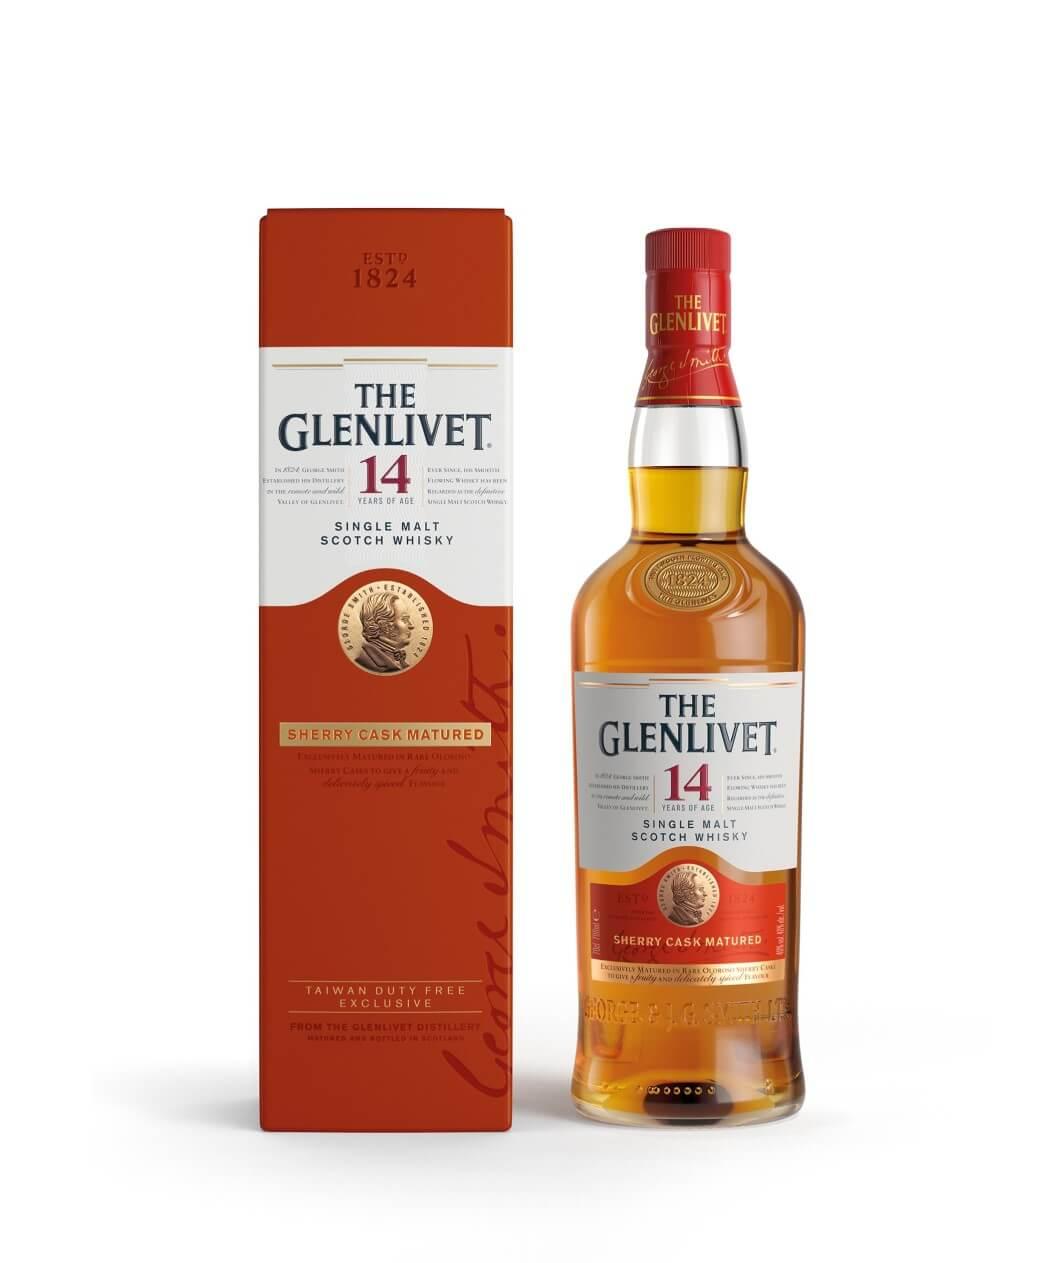 The Glenlivet 14 Year Old